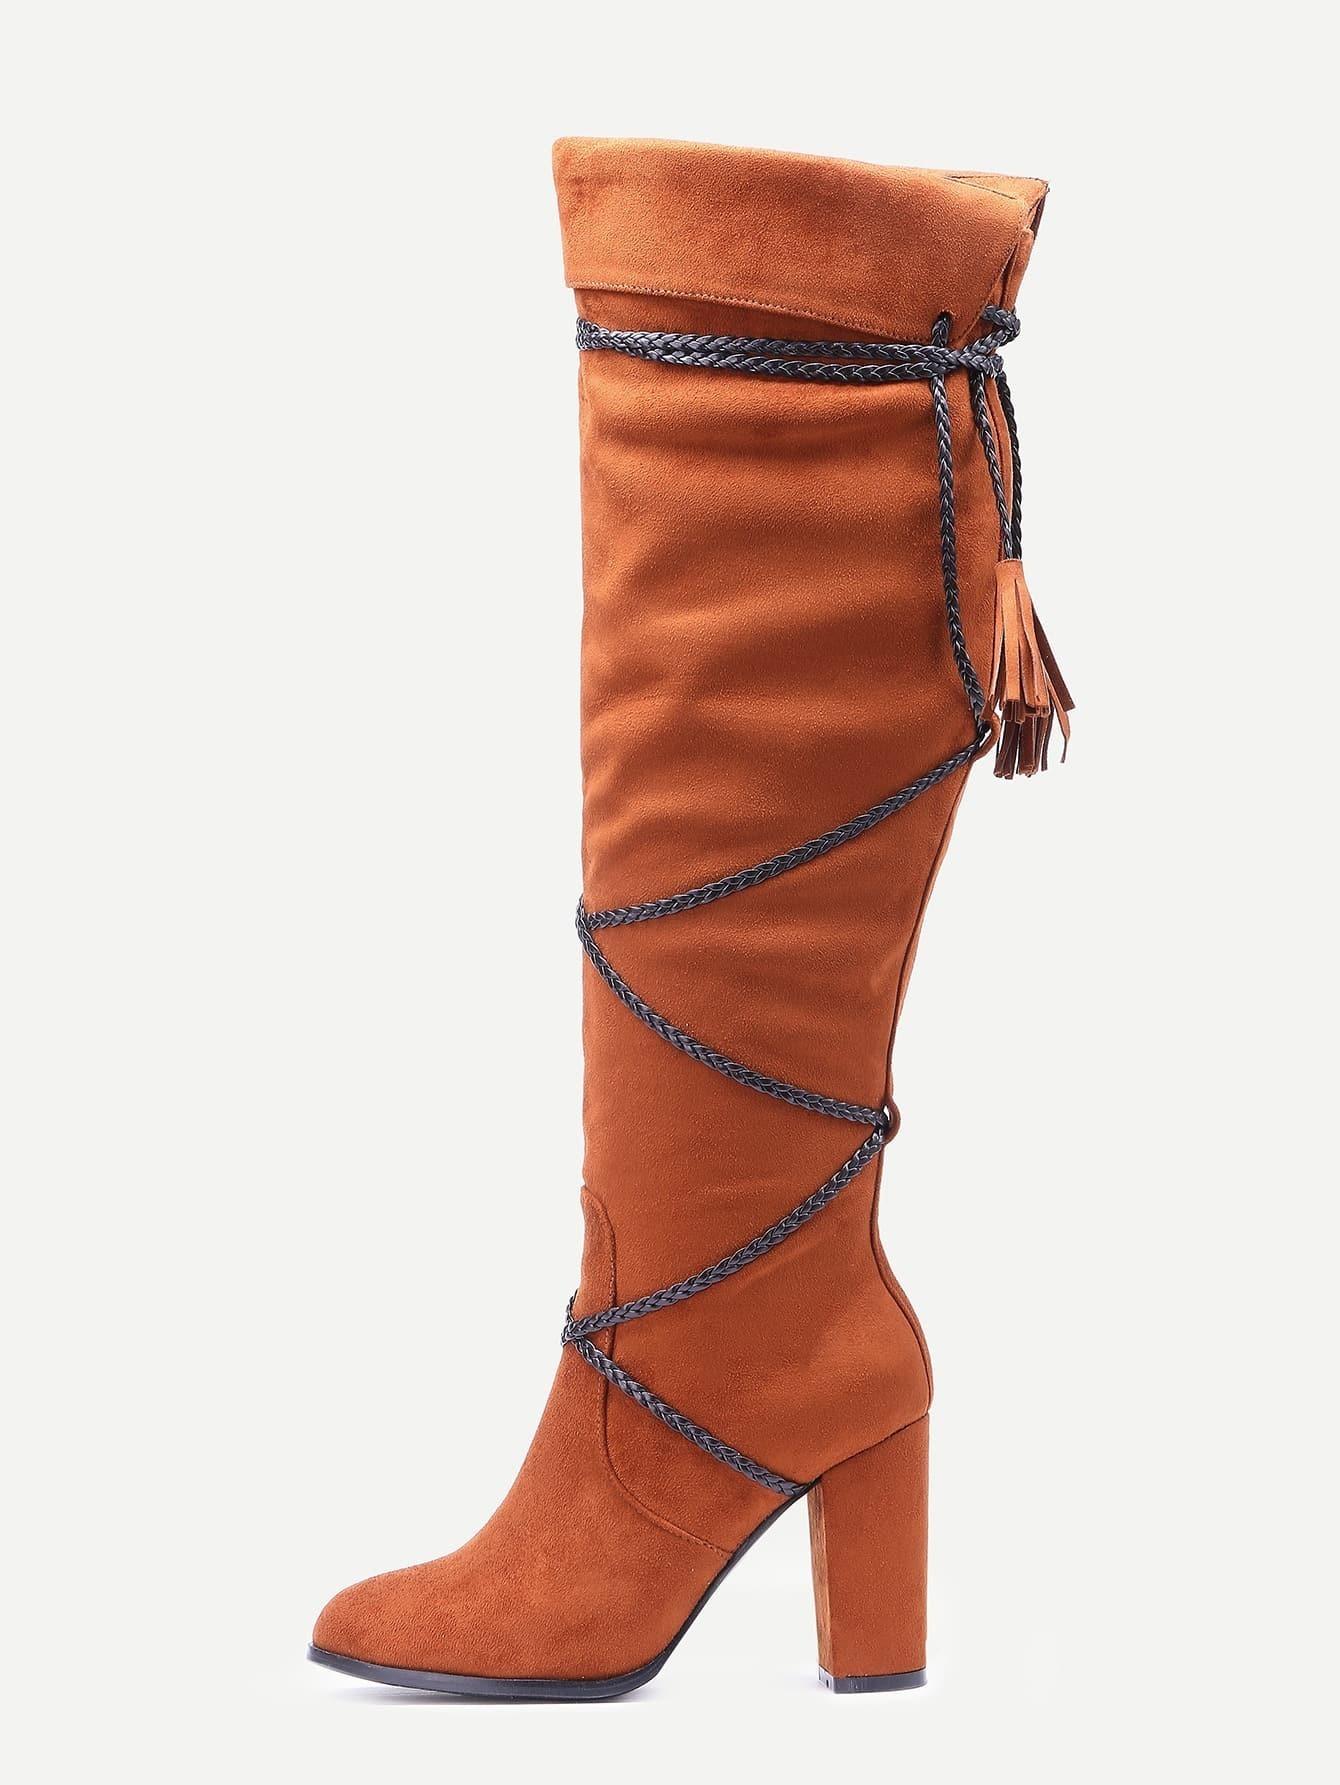 Стильные женские замшевые туфли на каблуке, платформе, танкетке, скале